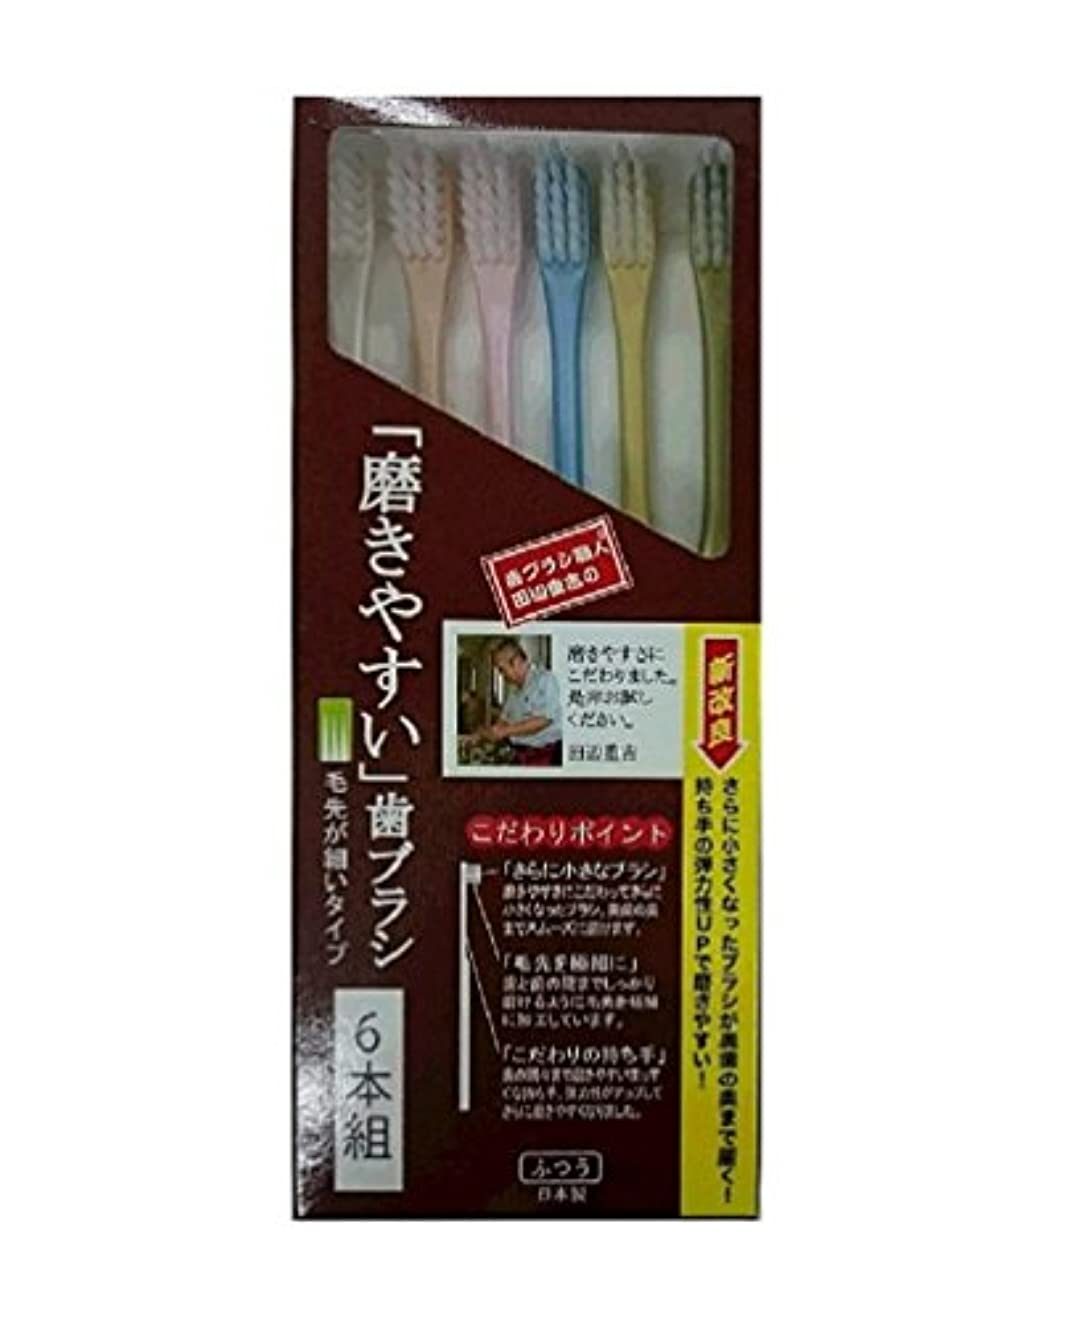 無能引き金名前で歯ブラシ職人 田辺重吉考案 磨きやすい歯ブラシ 先細 6本組